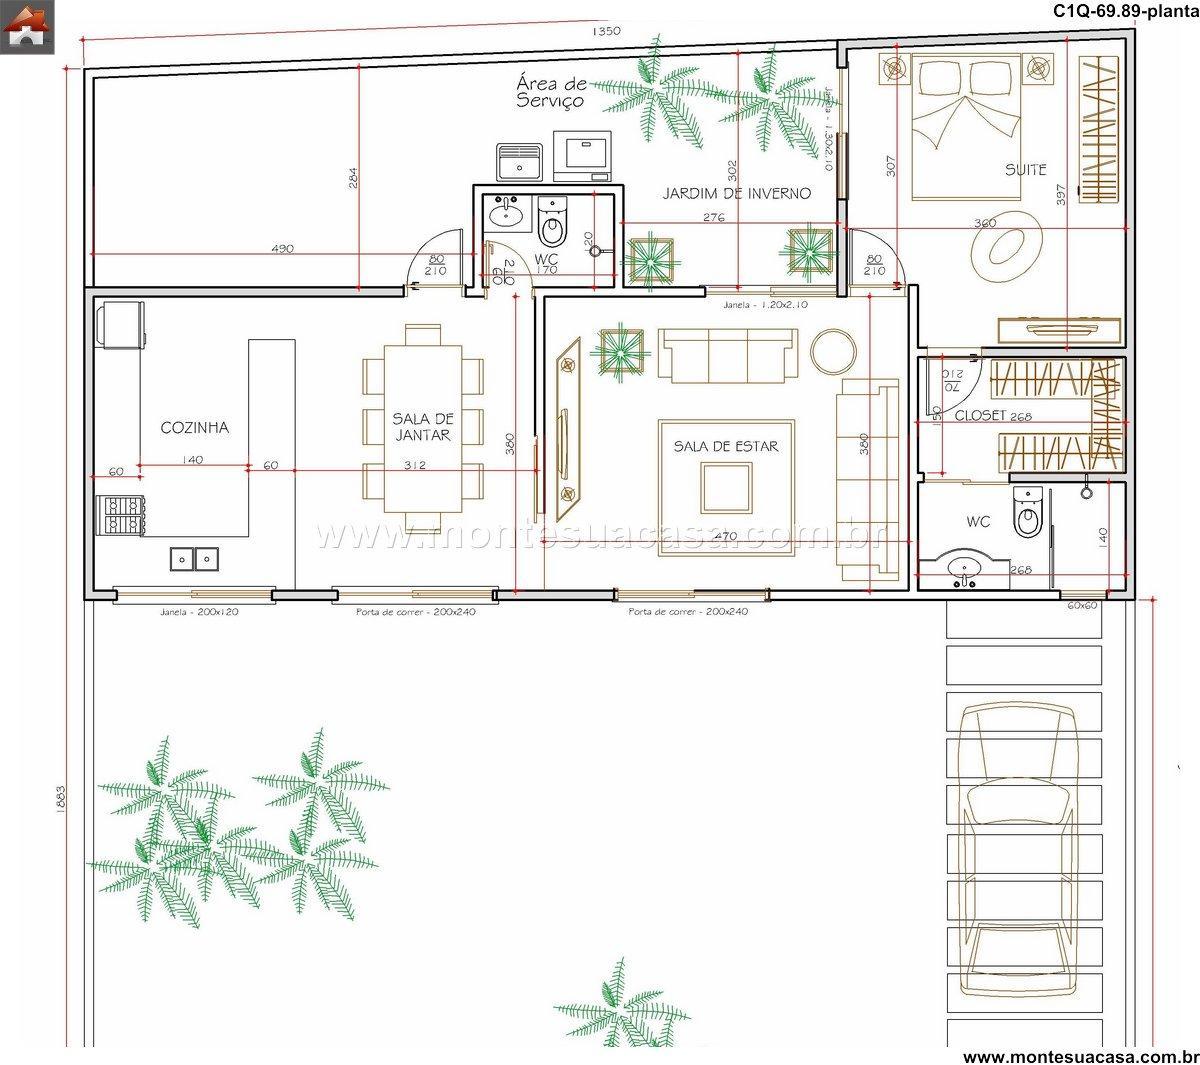 Casa 0 Quartos - 69.89m²